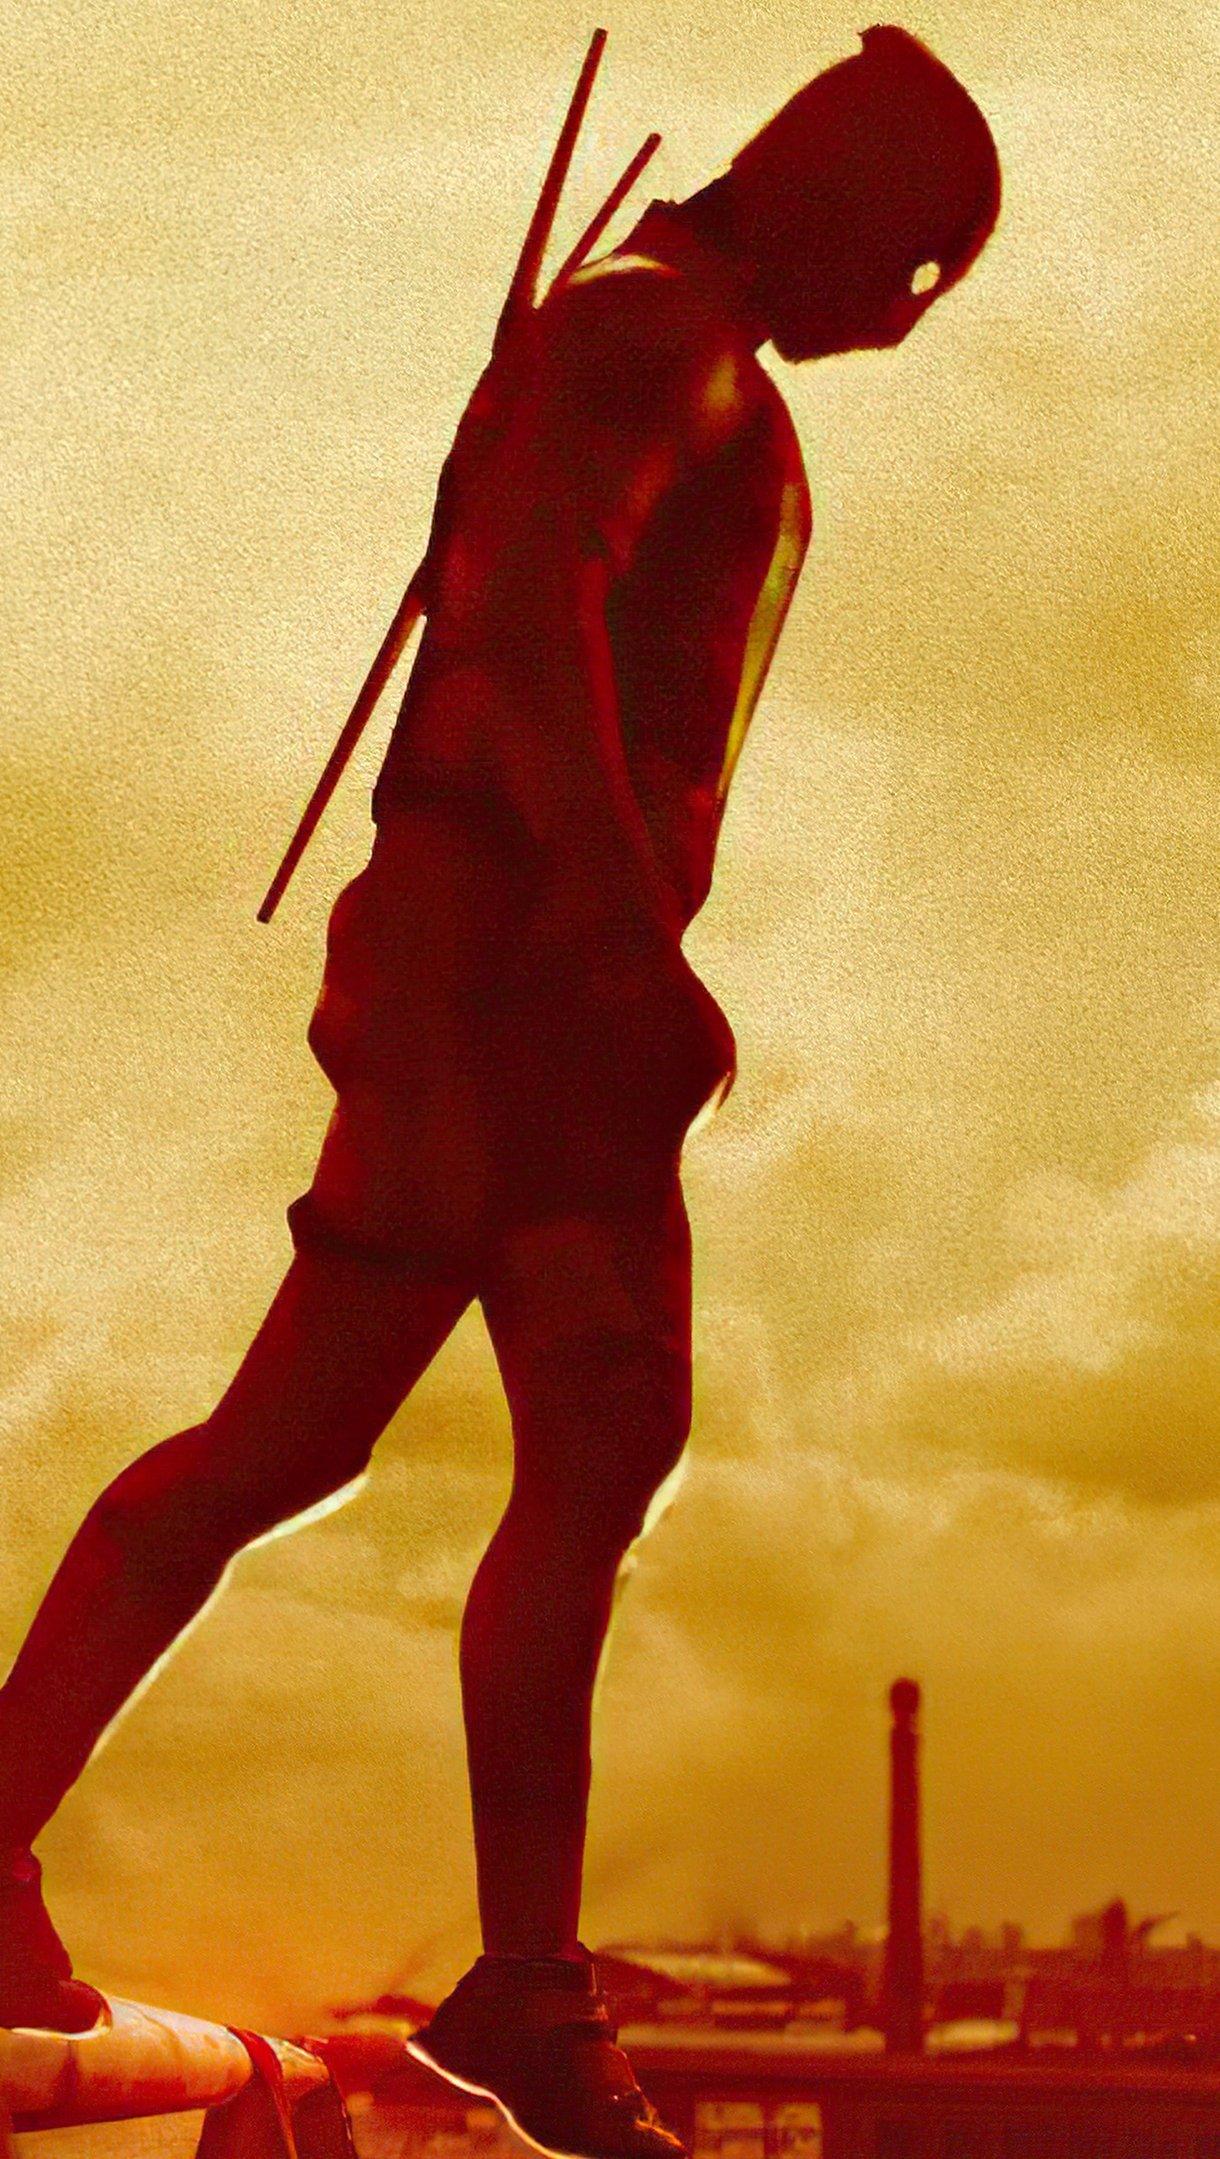 Fondos de pantalla Deadpool en el multiverso de Doctor Strange Vertical